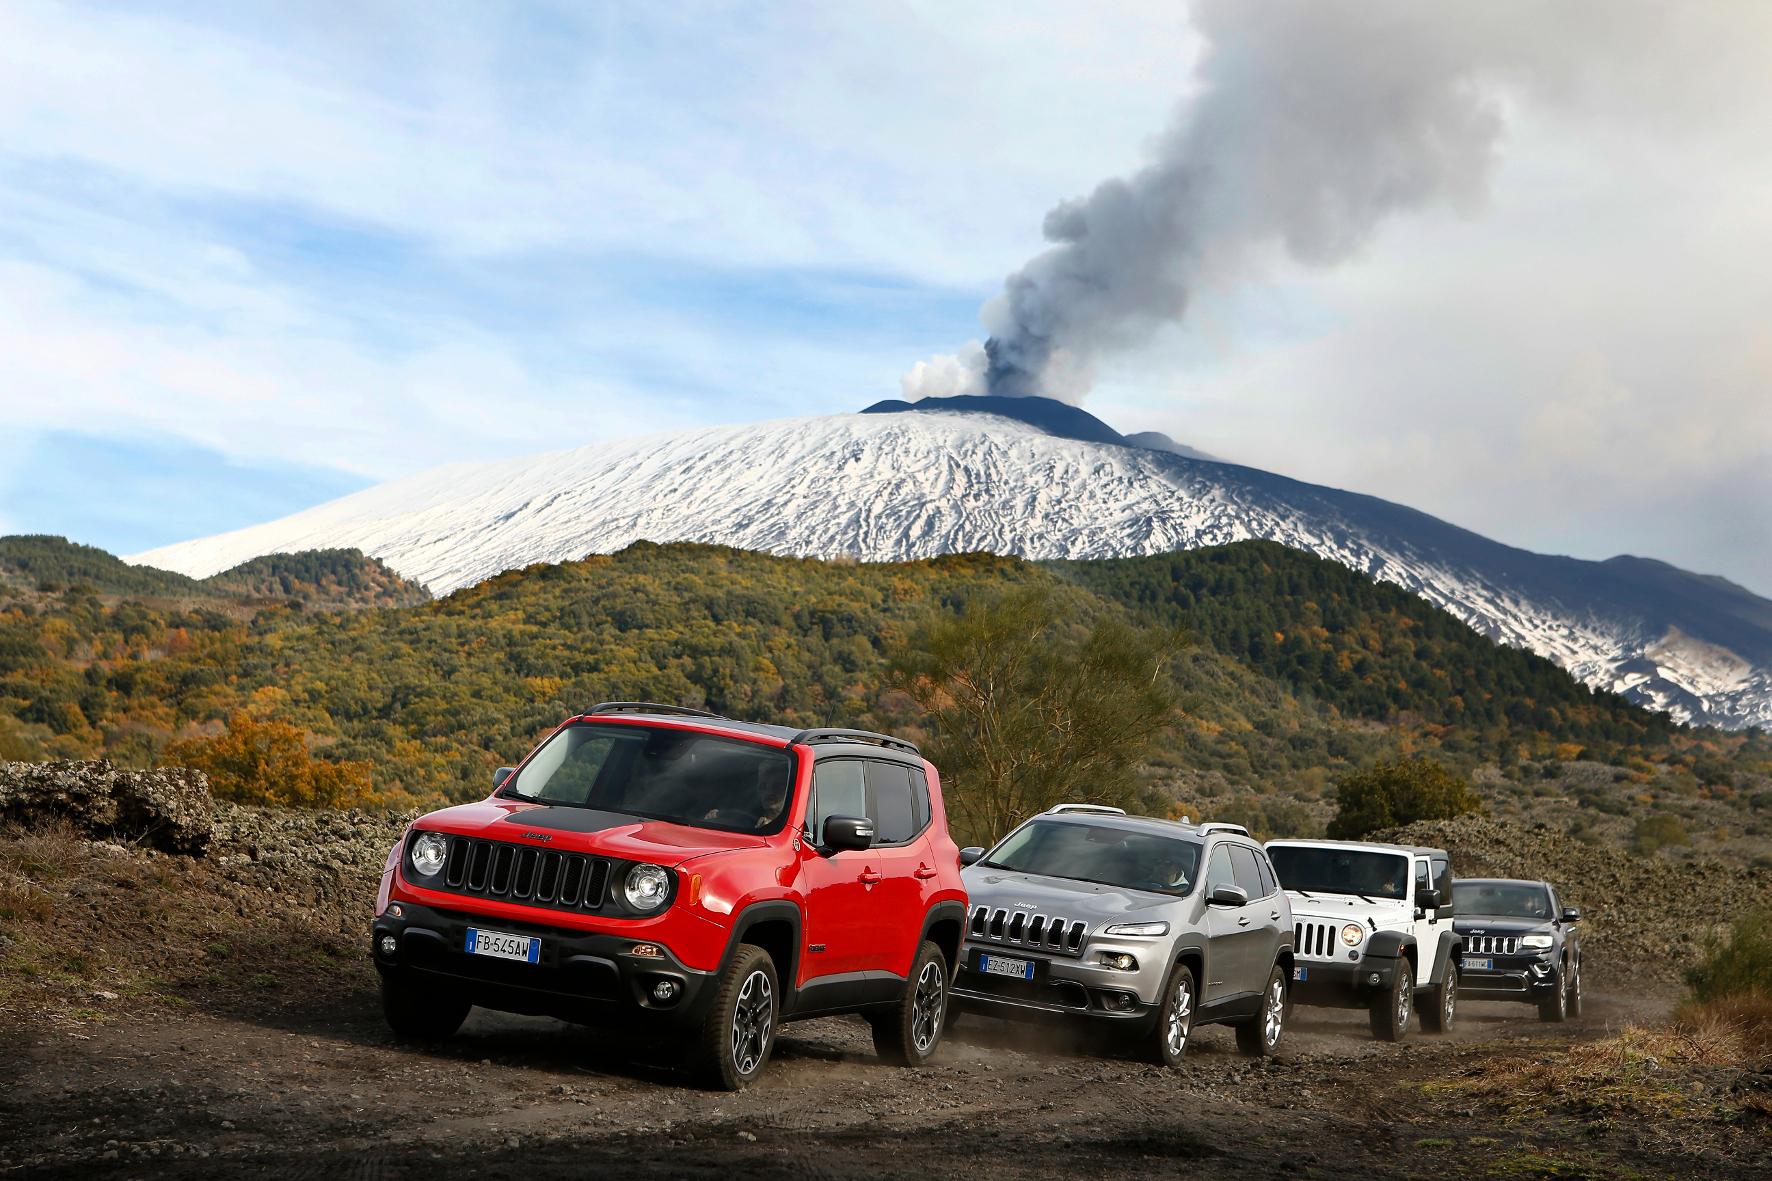 mid Sizilien - Klassentreffen der besonderen Art: Am Fuße des Ätna zeigen die verschiedenen Jeep-Modelle, was sie im Gelände drauf haben.